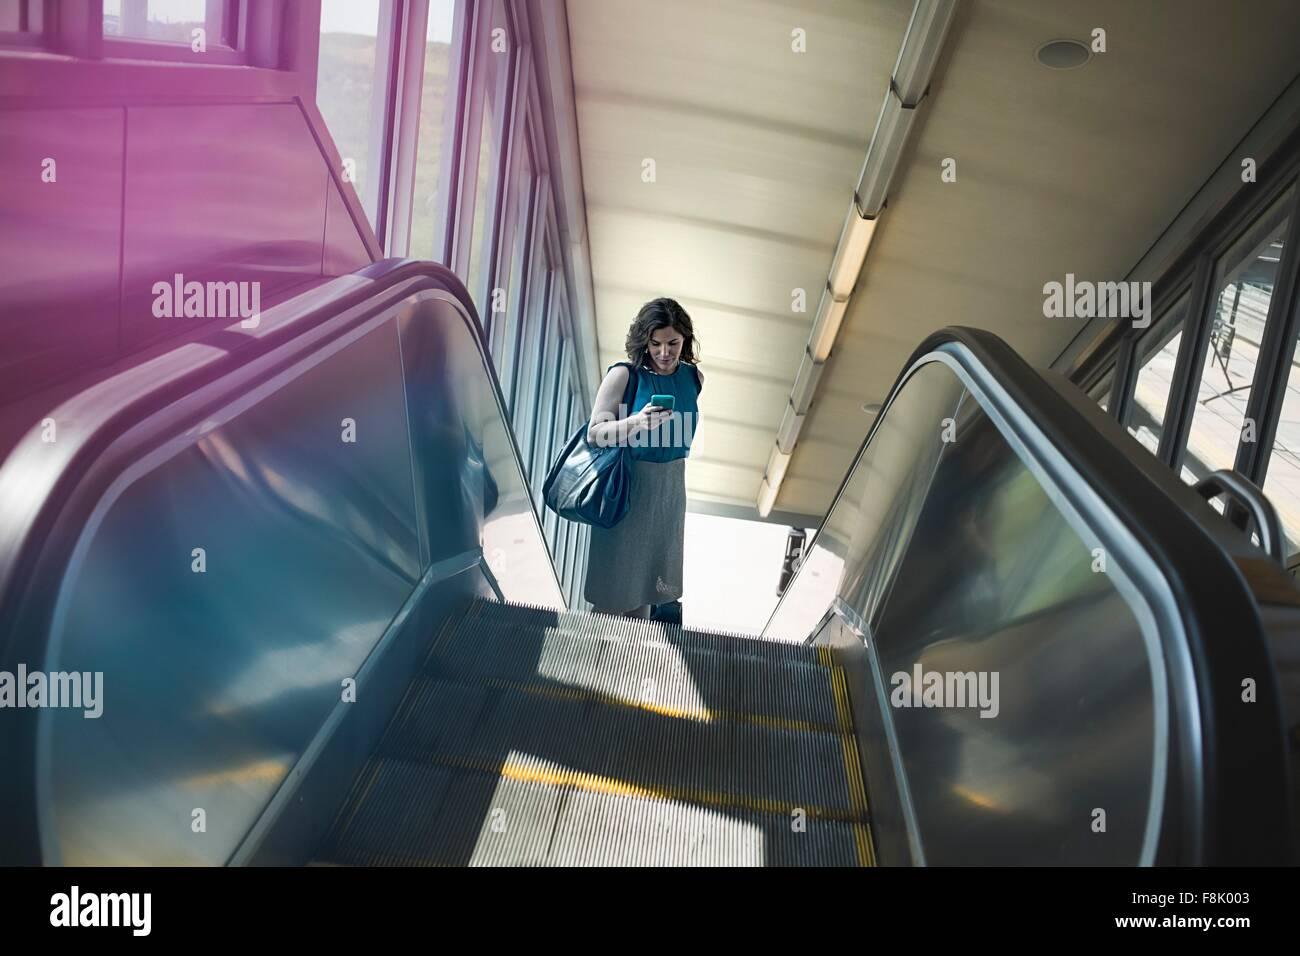 Mujer adulta media mediante escaleras mecánicas, sujetando el smartphone, vista elevada Imagen De Stock